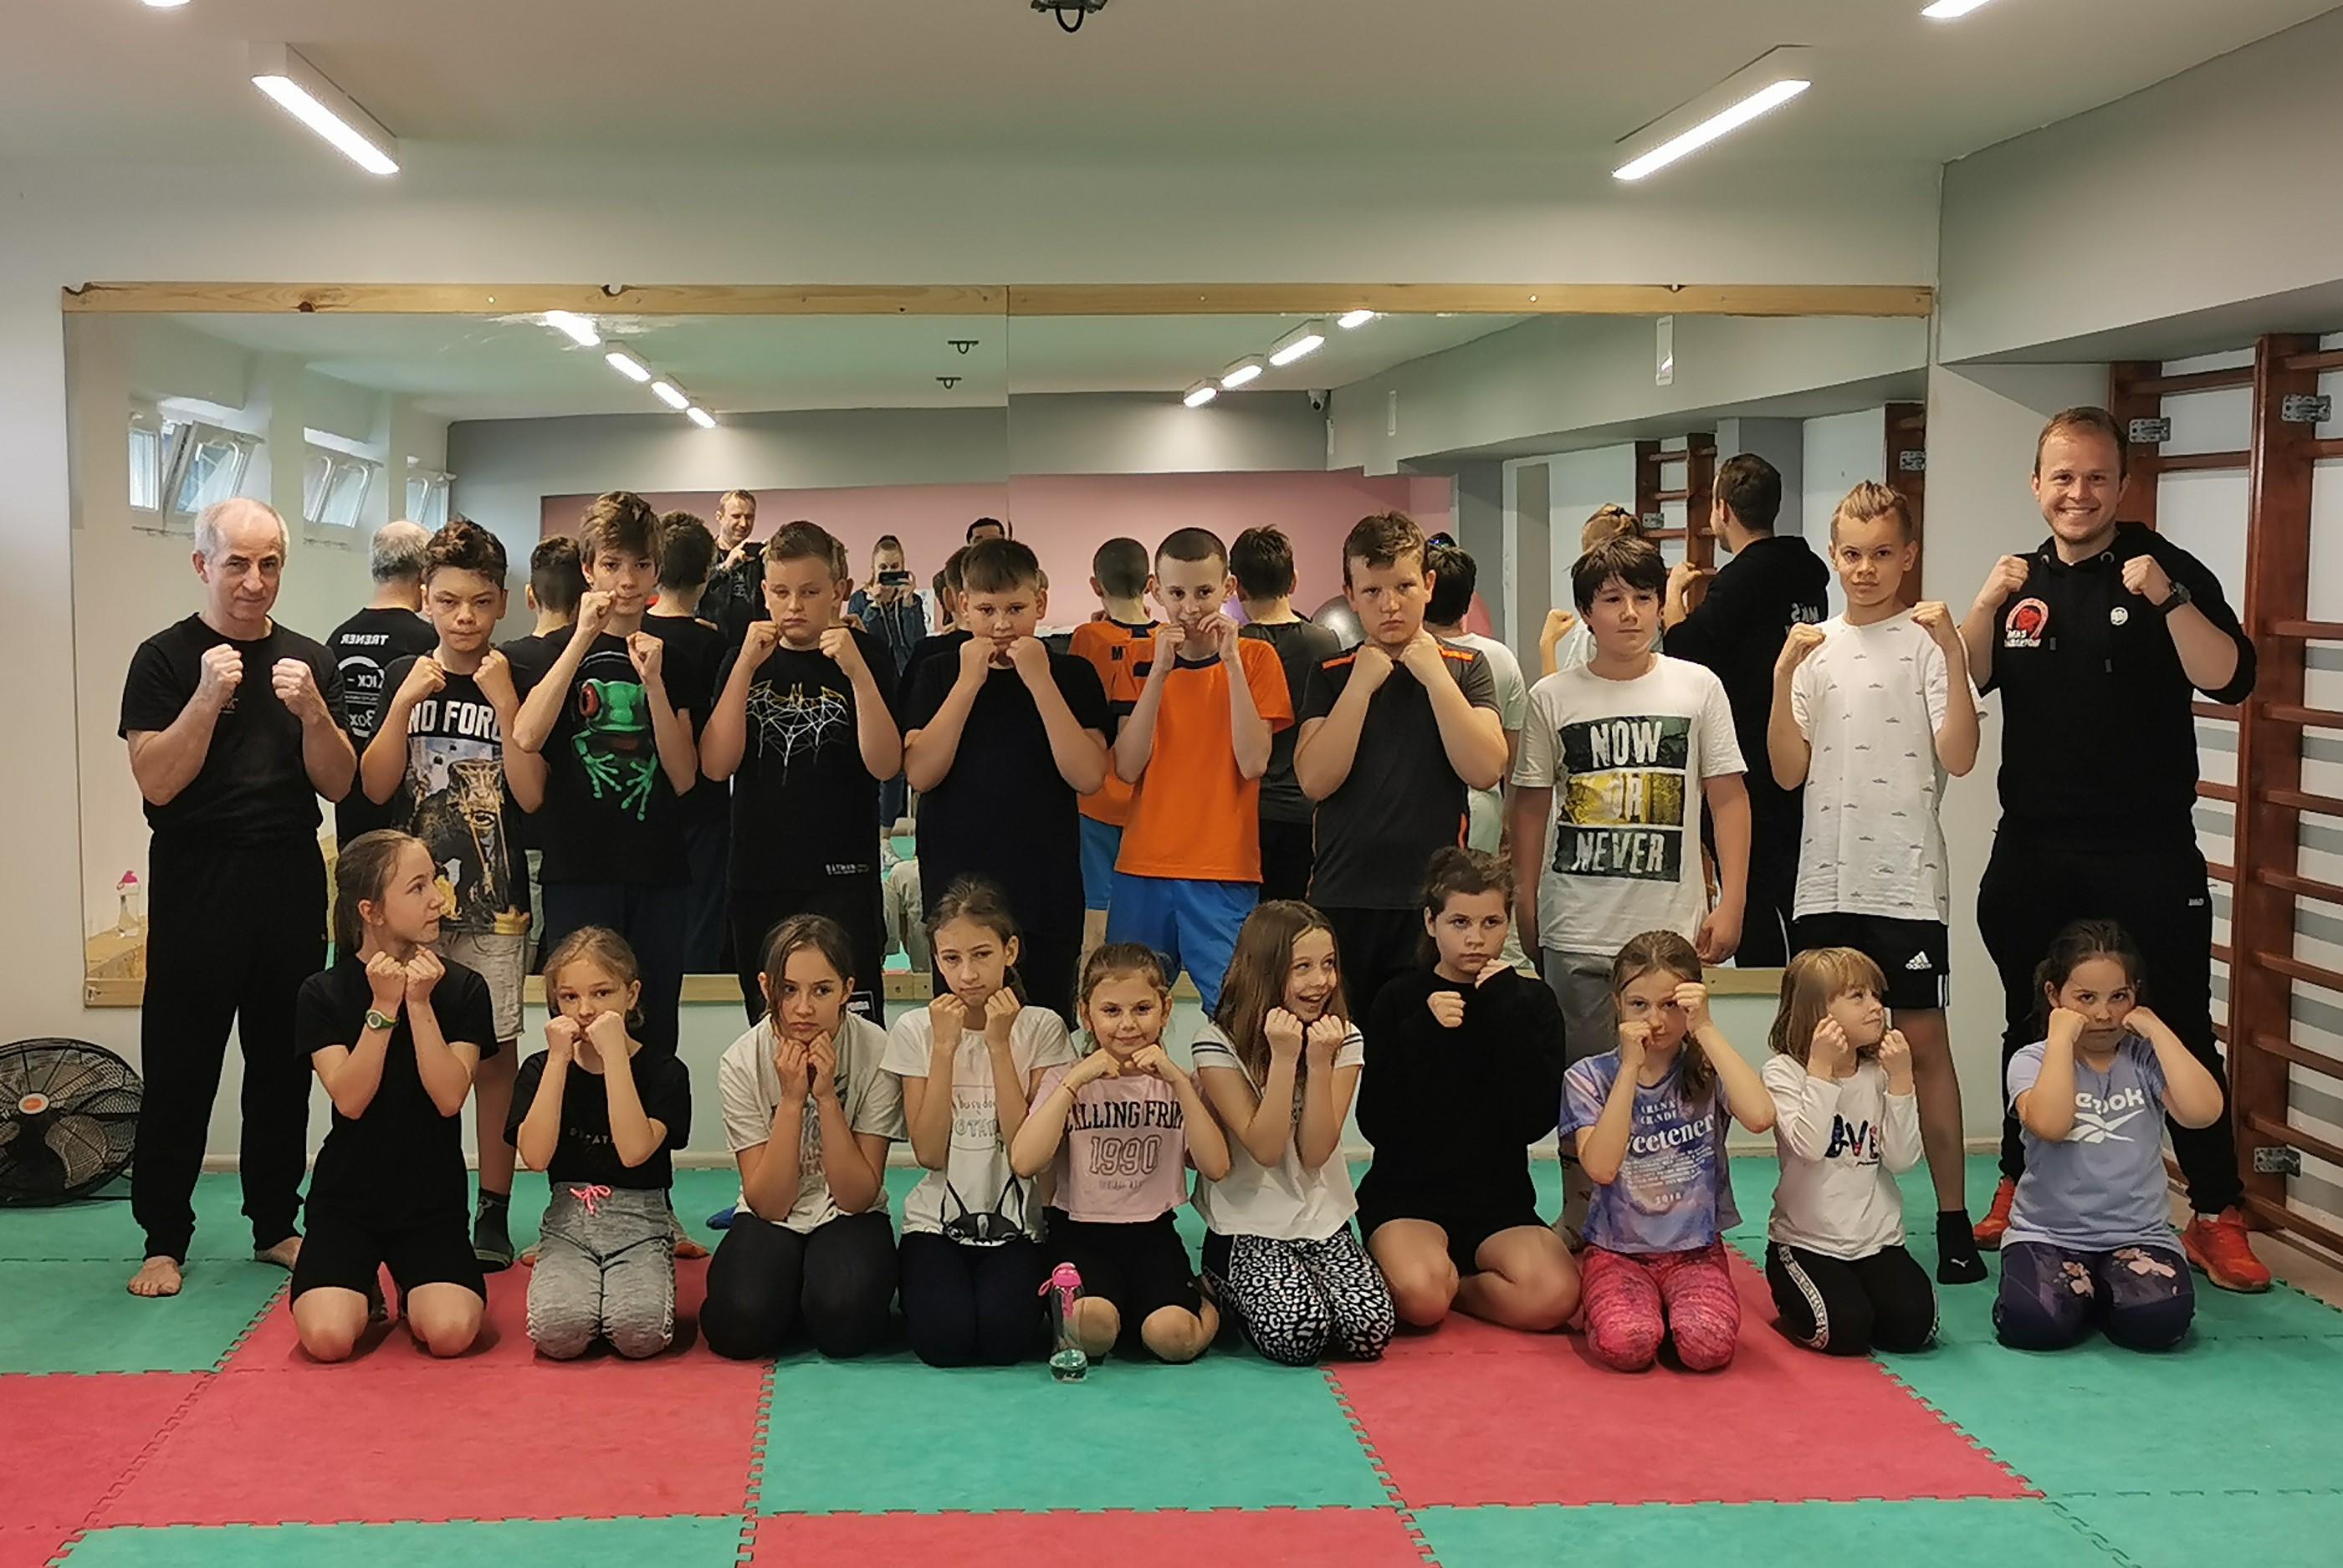 Egzaminy na stopnie mistrzowskie kickboxingu w MKS Lubartów zdane - Zdjęcie główne